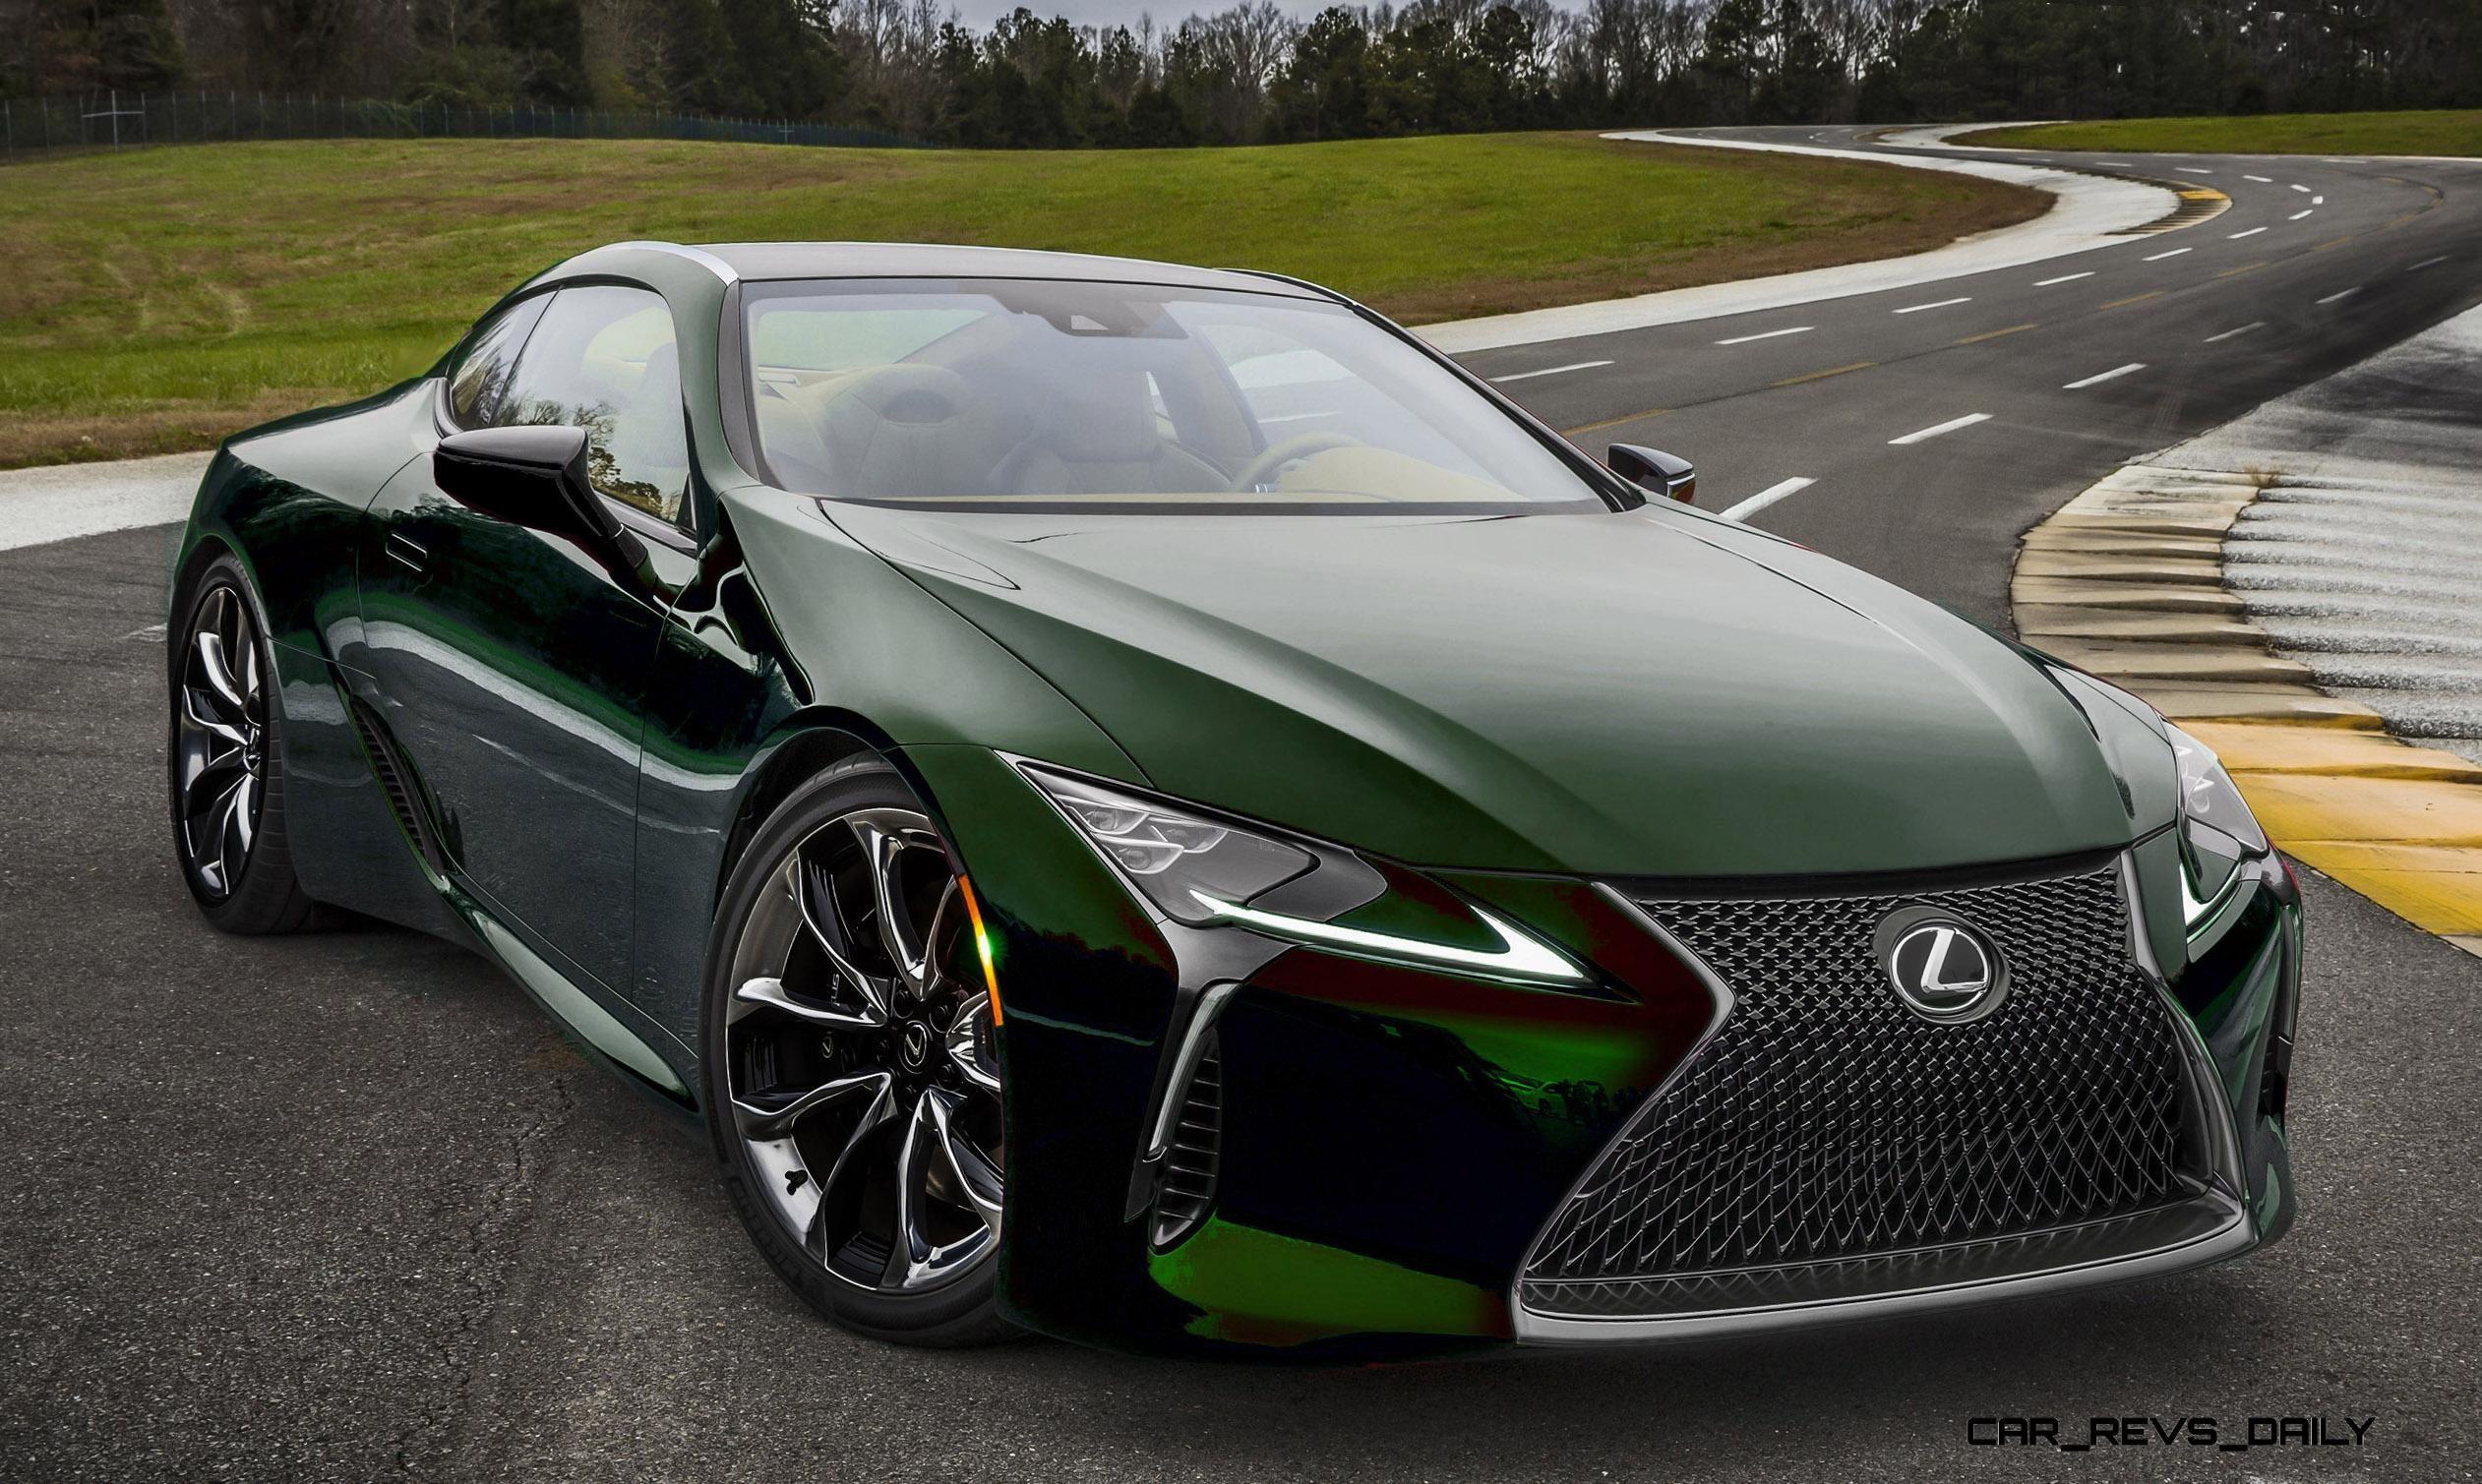 2017 Lexus Lc500 Colors Visualizer 16